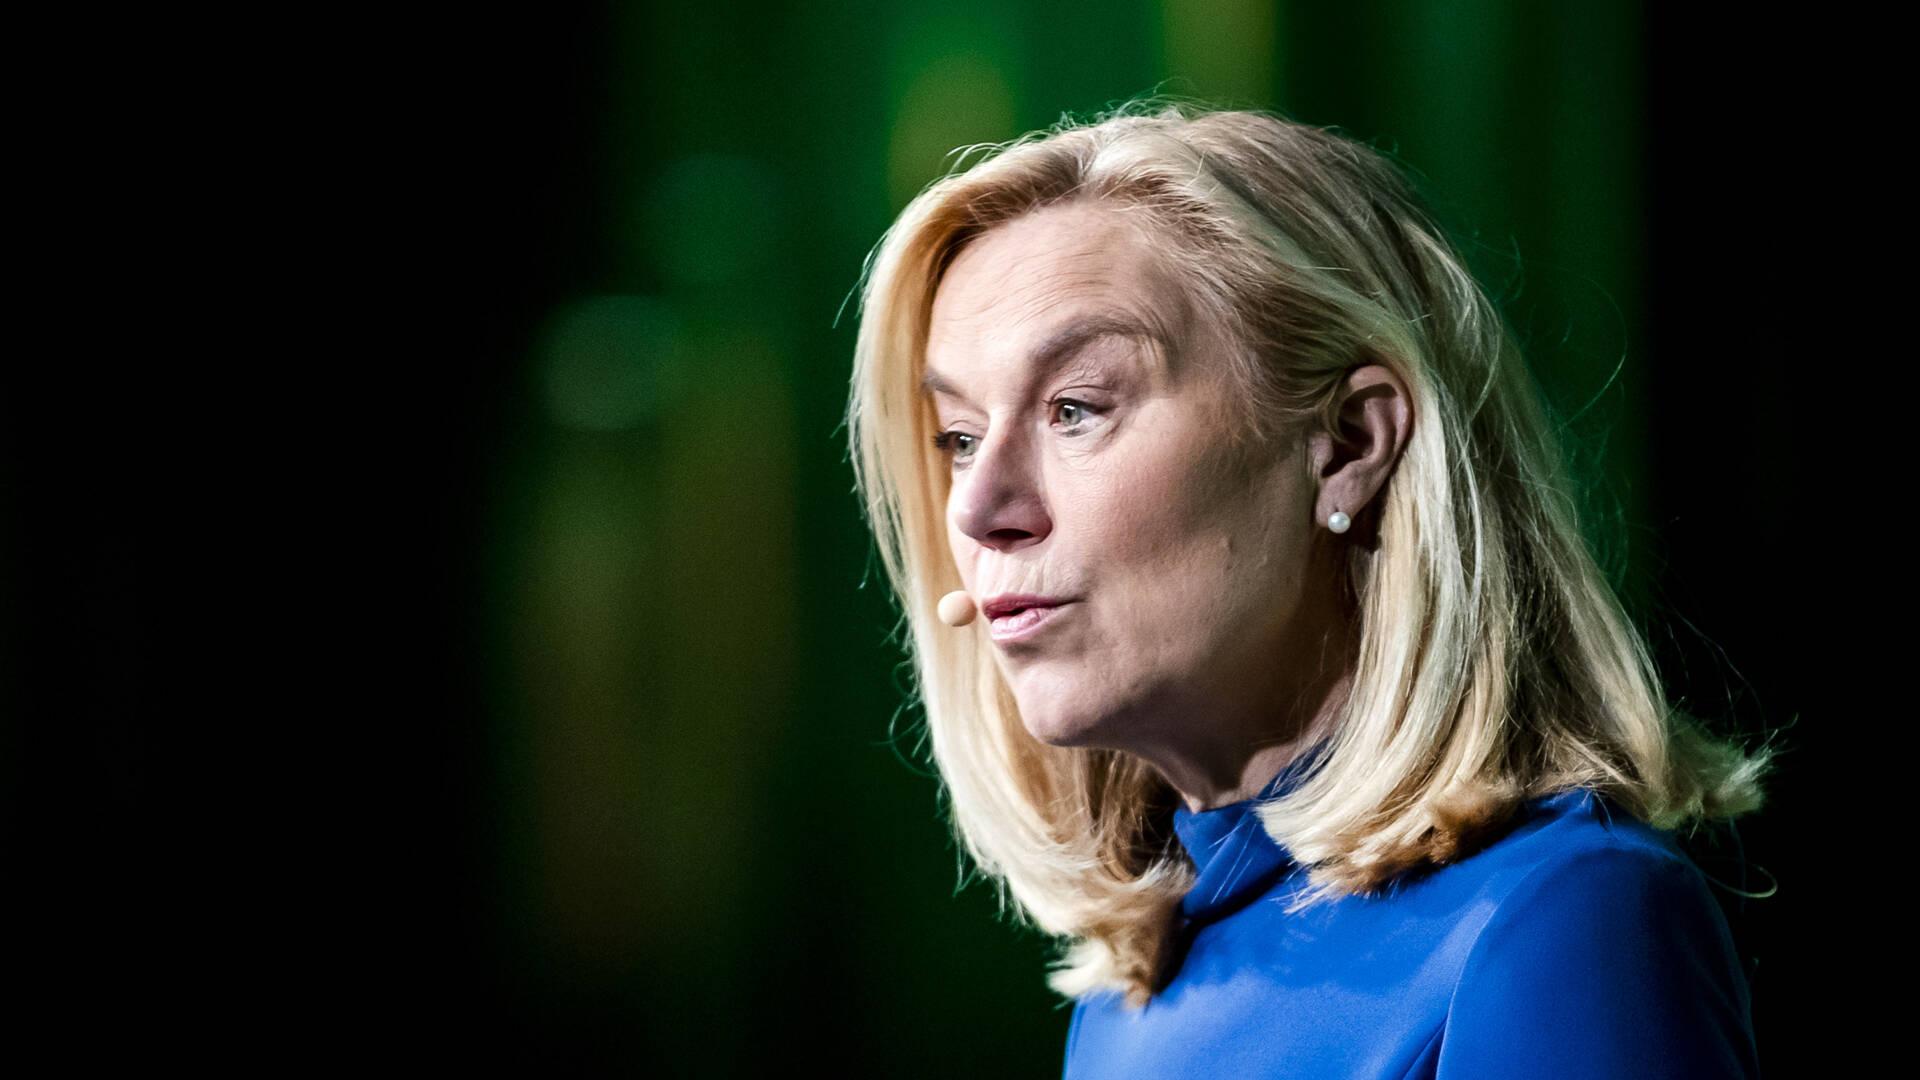 زعيمة حزب D66 تهاجم شركاء التحالف والأحزاب اليسارية